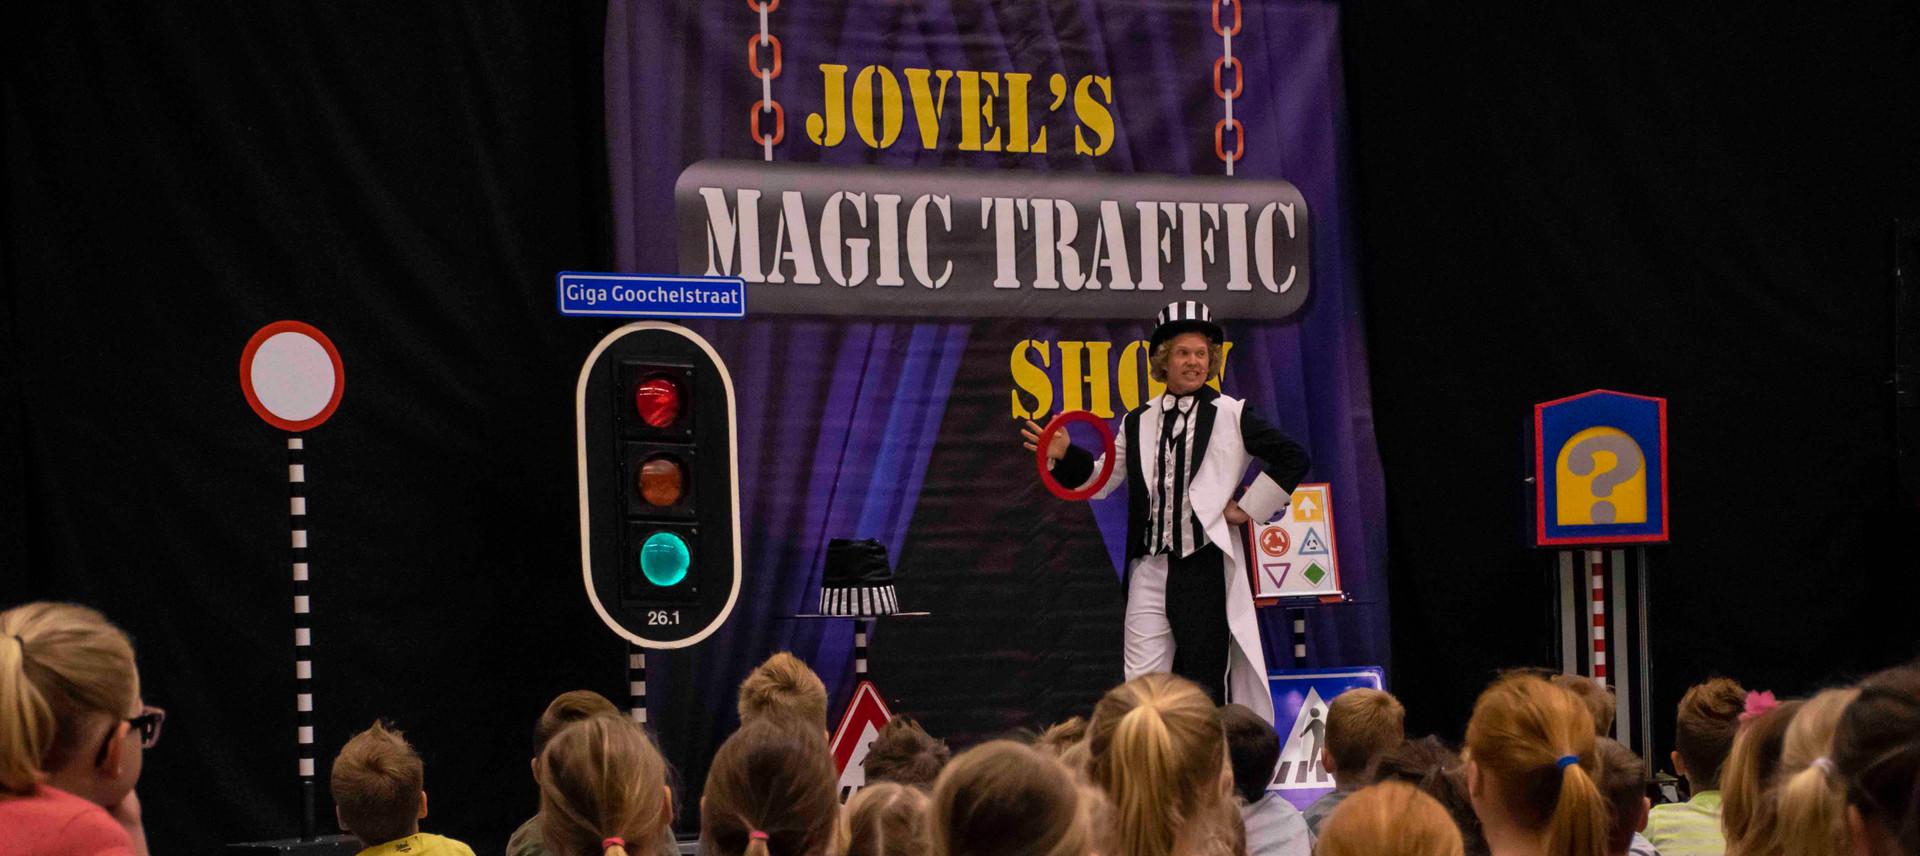 voorstelling verkeer thema kindervoorstelling kindershow schoolvoorstelling verkeersdag verkeersweek